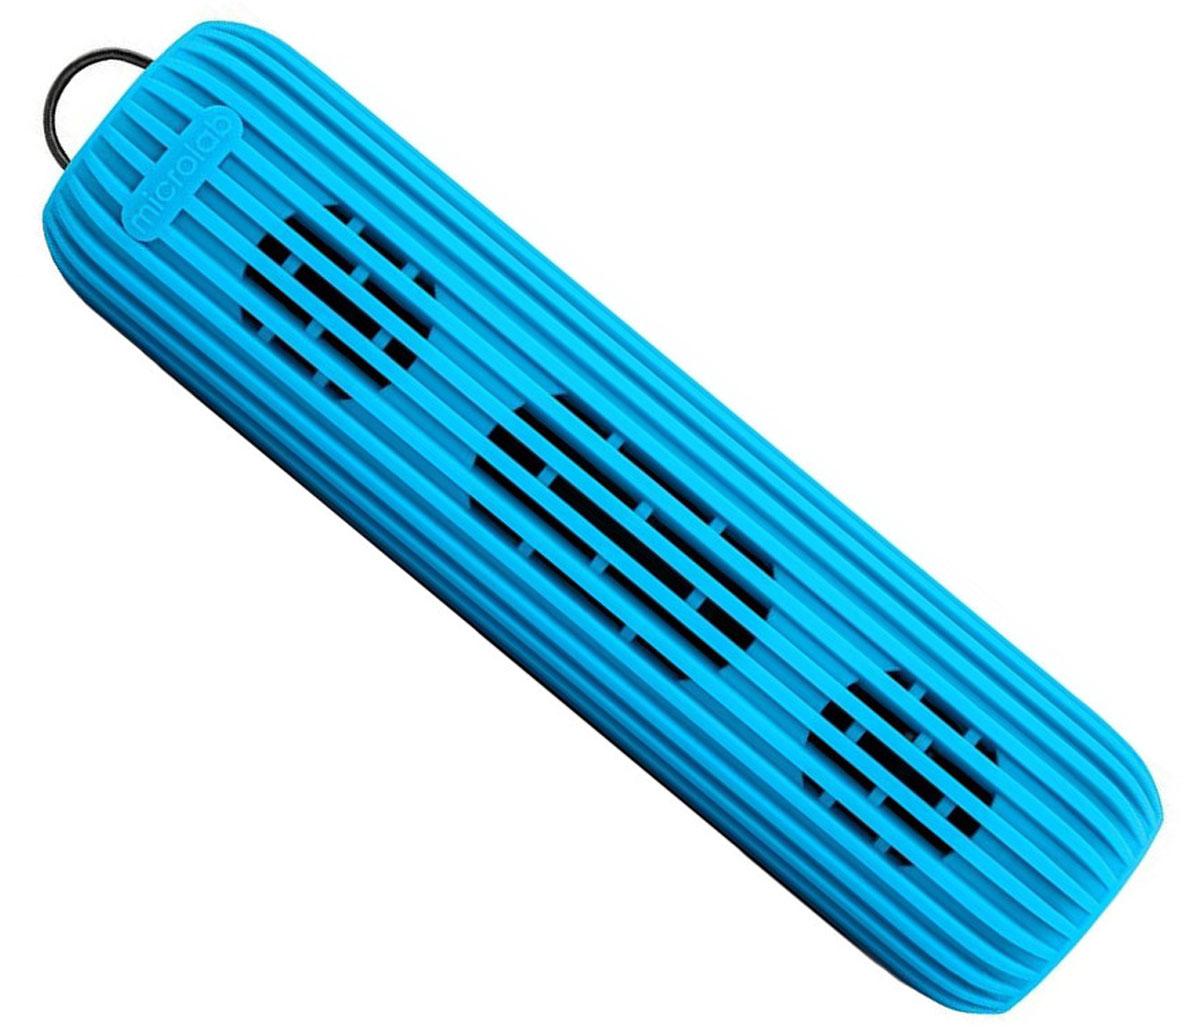 Microlab D21, Blue портативная акустическая система80528Акустическая система необычной формы и дизайна ориентирована на людей, ведущих активный образ жизни. D21 способна стать прекрасным спутником как на небольшом пикнике на природе, так и в долгом походе. Благодаря силиконовому покрытию корпуса, сателлит прощает слушателю небольшие ударные воздействия, а также прекрасно переносит как росу, так и небольшой дождик, что наряду с пылью, может стать фатальным для других портативных акустических систем.Небольшие размеры обеспечивают портативность системы, она не занимает много места и поместится в любом рюкзаке или сумке, а идущий в комплекте шнурок способен закрепить сателлит в походном варианте, позволяя избежать потери колонки.В Bluetooth-режиме при входящем звонке на телефон, можно ответить на звонок через сателлит. Благодаря встроенному в колонку микрофону, телефон искать не обязательно.Колонка способна воспроизводить музыку без источника звука. Чтобы послушать музыку, вам не обязательно разряжать собственный телефон, достаточно вставить Micro SD-card в колонку и наслаждаться любимыми мелодиями.Многообразие цветов. Microlab D21 представлена в 5 цветах, можно выбрать ту расцветку, которая подходит именно вам.Литиевая батарея: 3,7 В; 1200 мАч